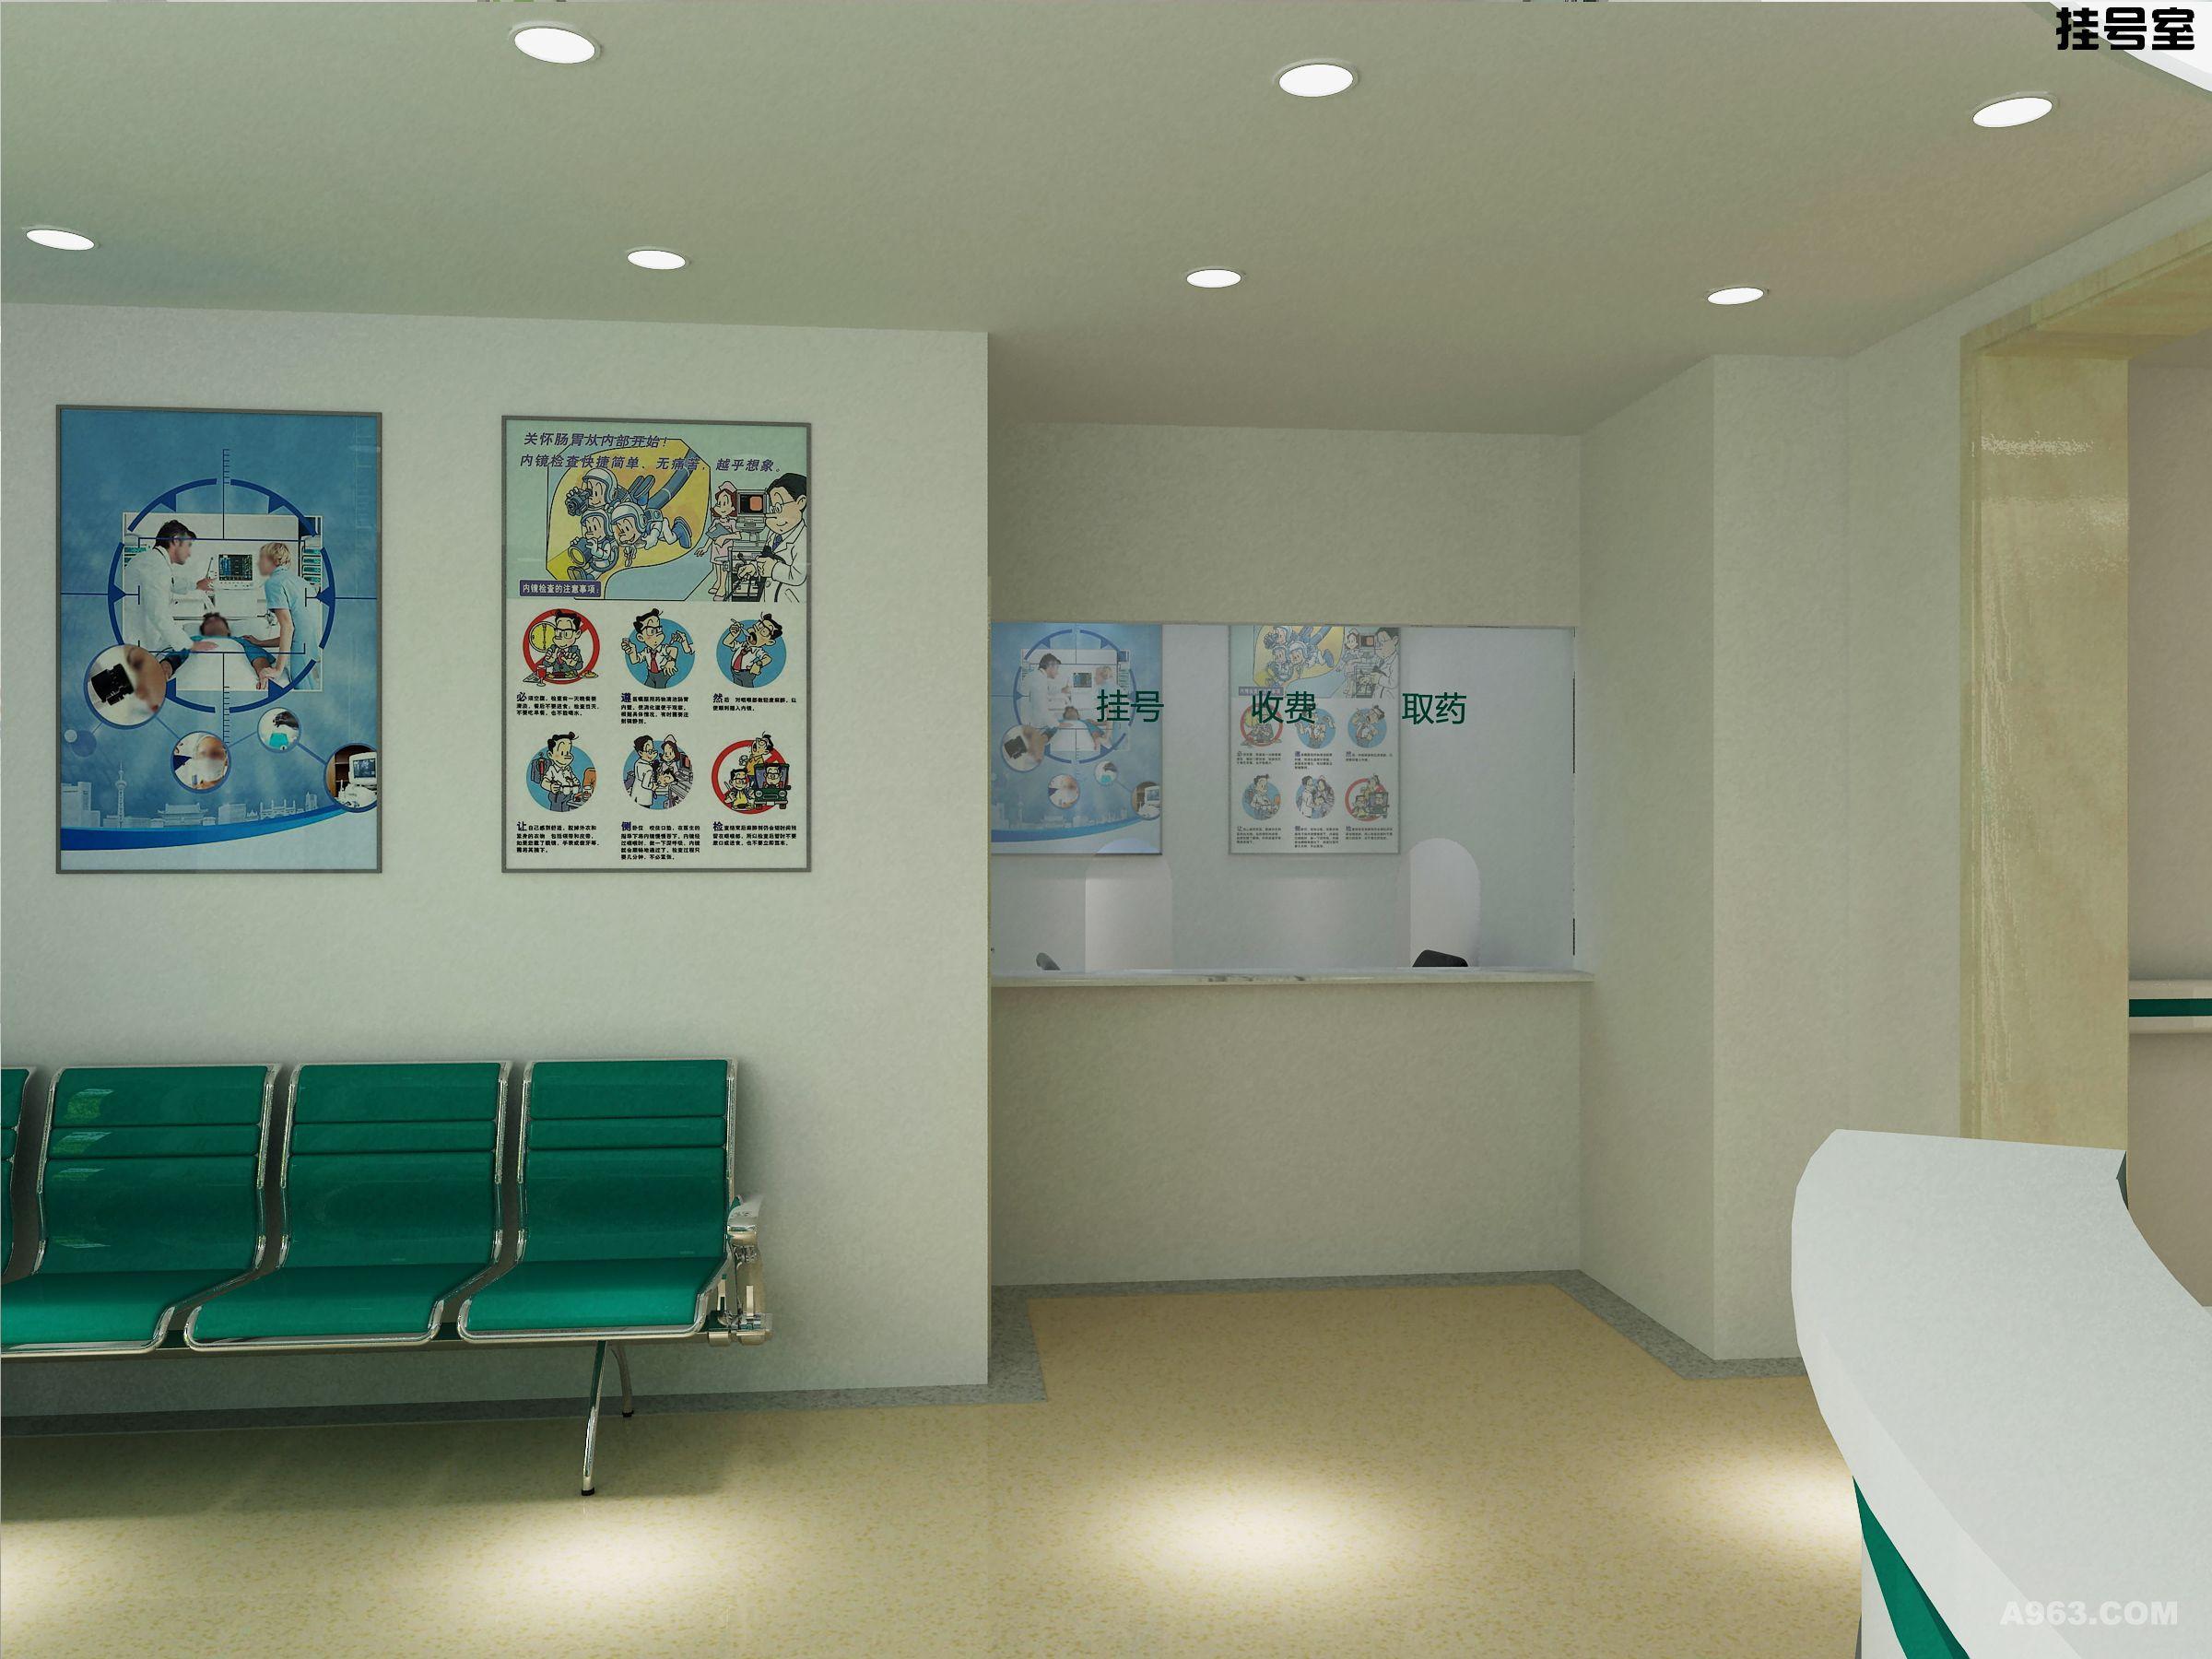 社区医院 - 医疗空间 - 第2页 - 张昱设计作品案例